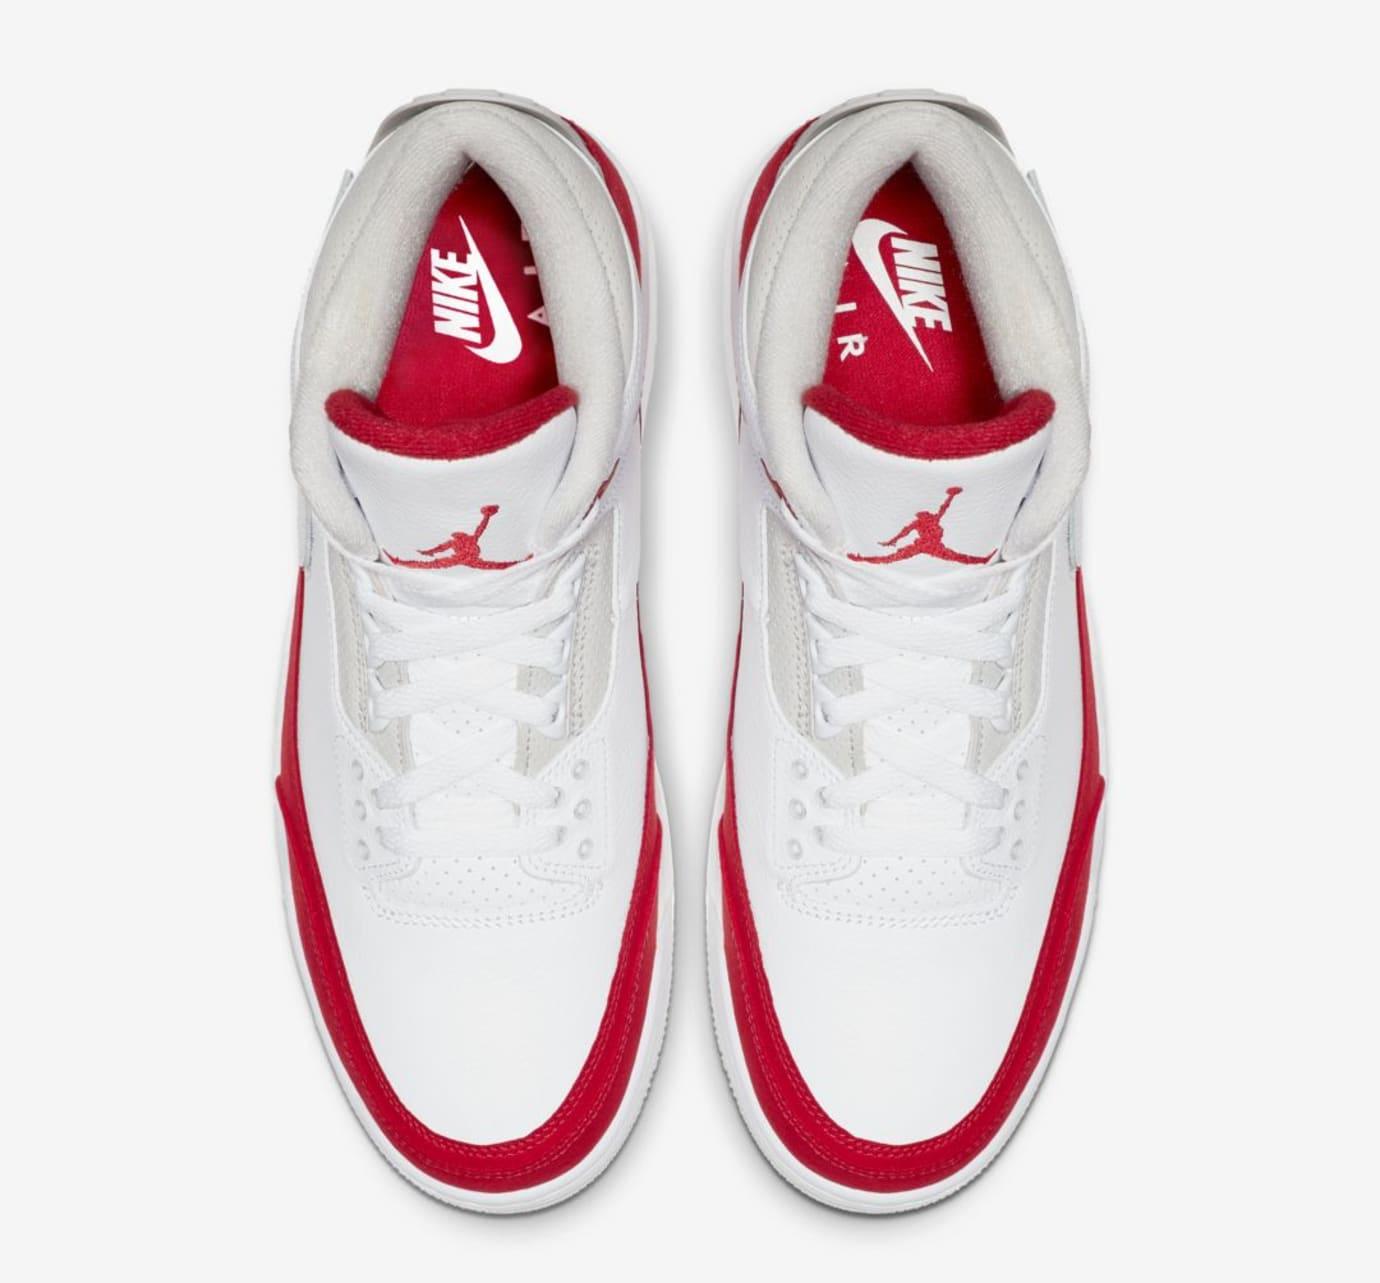 7623e41ed21c8d Image via Nike Air Jordan 3 Retro Tinker  White University Red Neutral  Grey  (Top